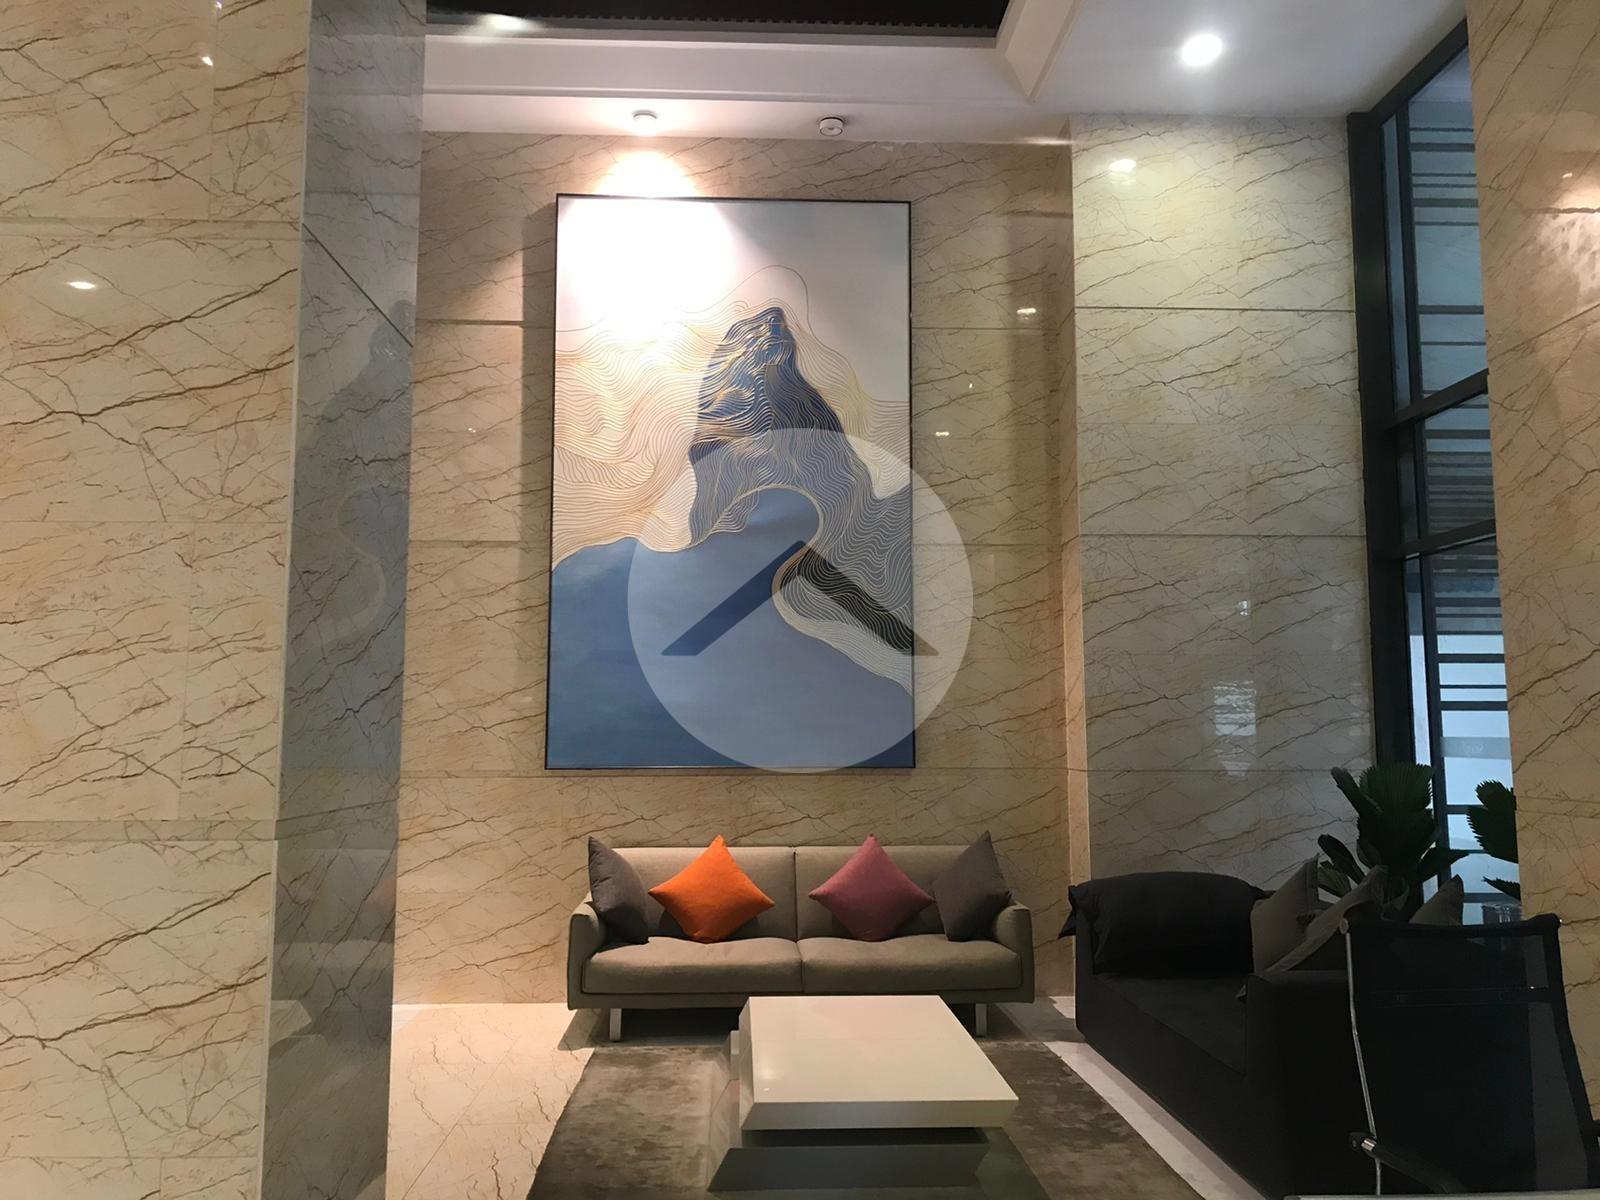 2 Bedroom Condo For Sale Sky31 - Toul Kork, Phnom Penh